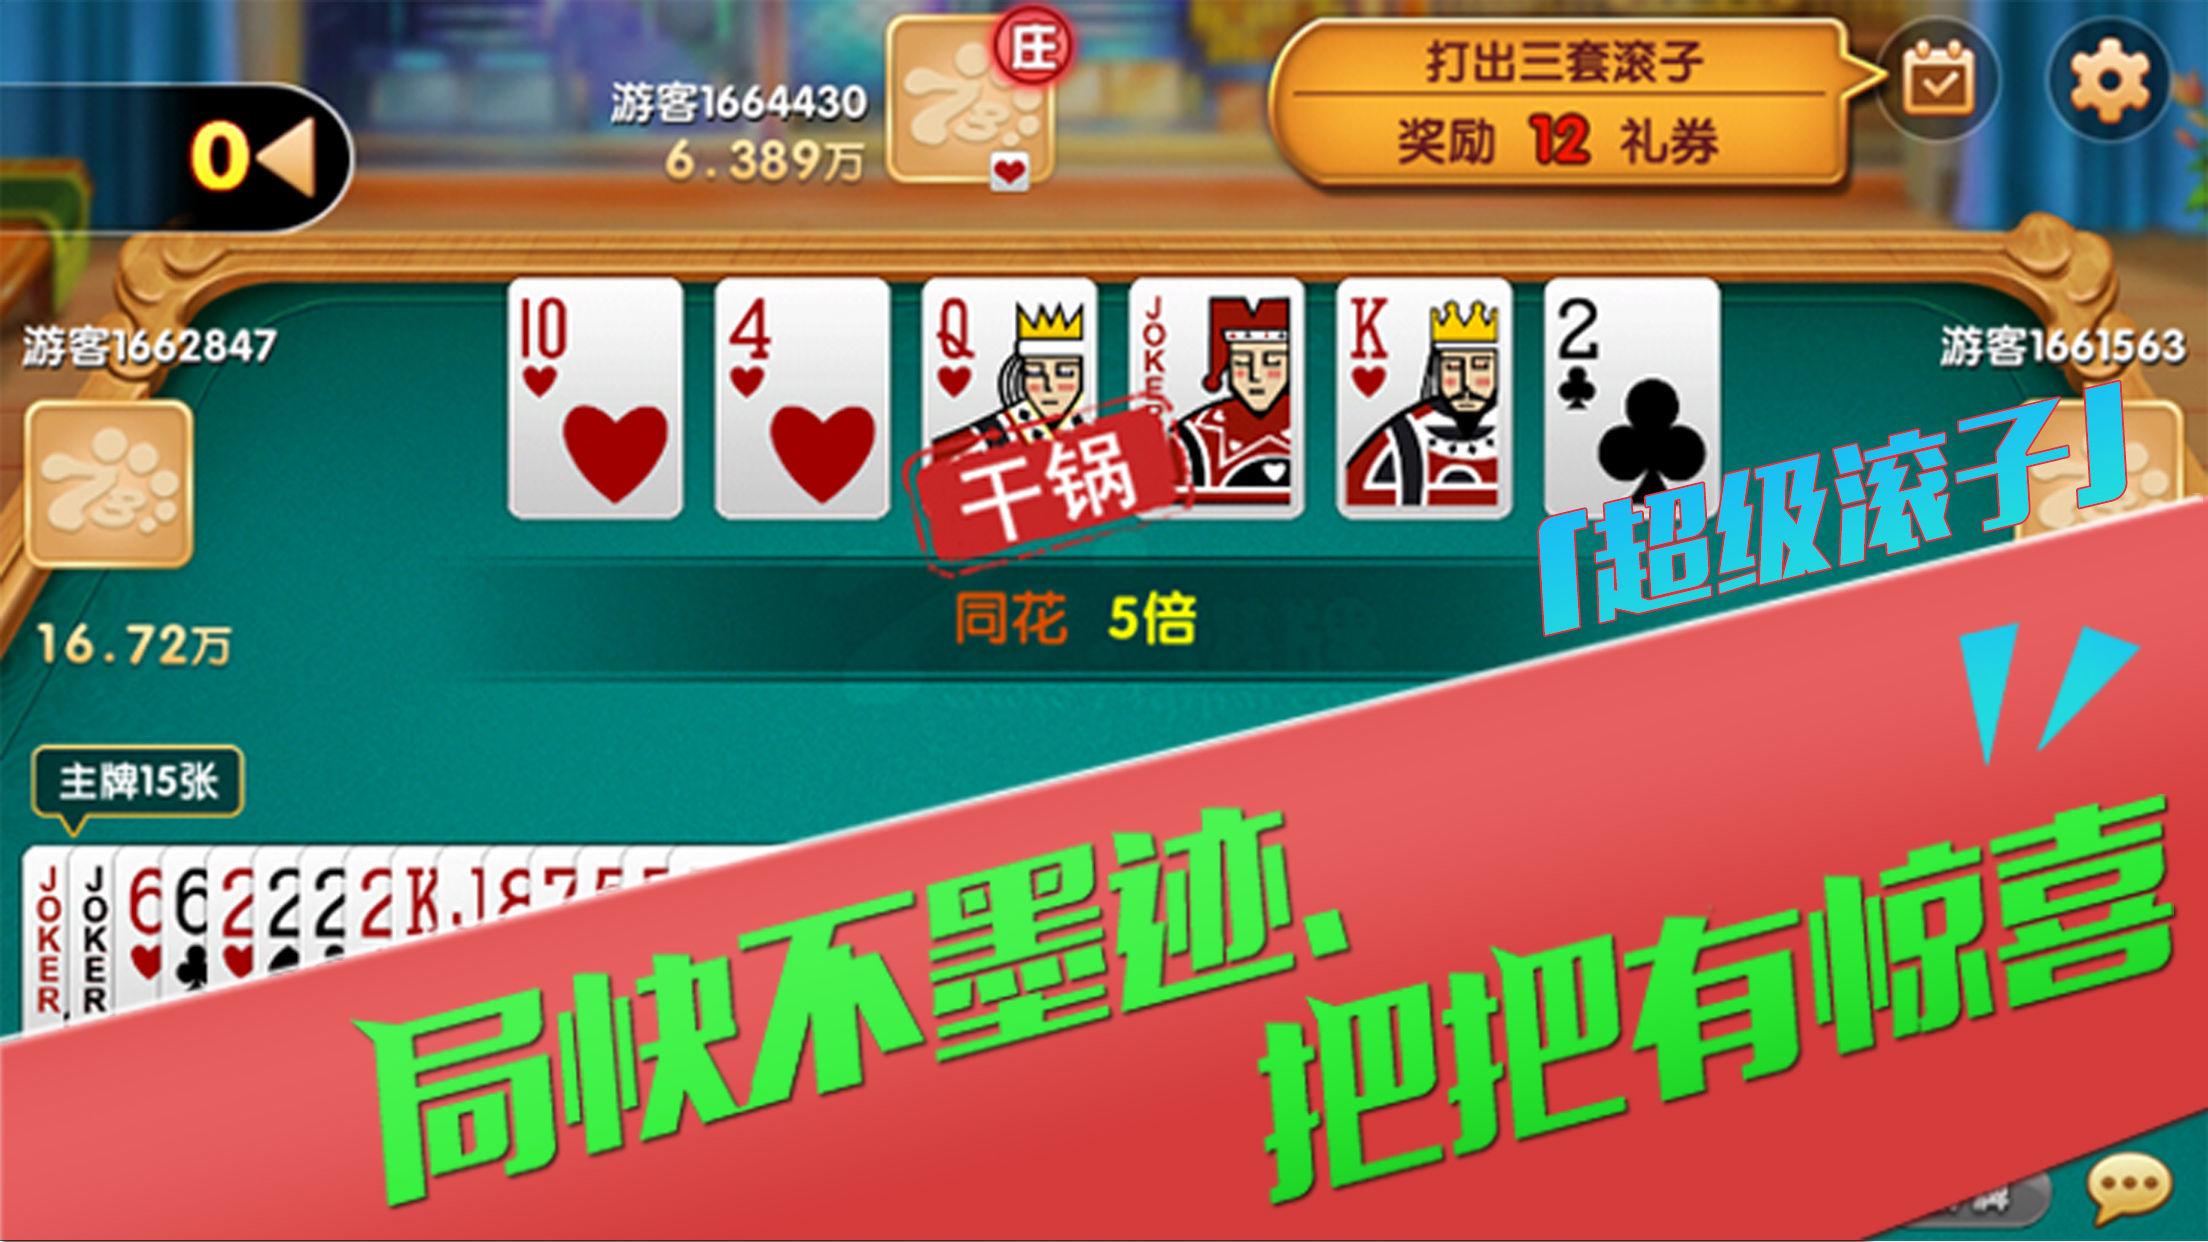 摩登乐约棋牌app官方手机版安卓下载图1: